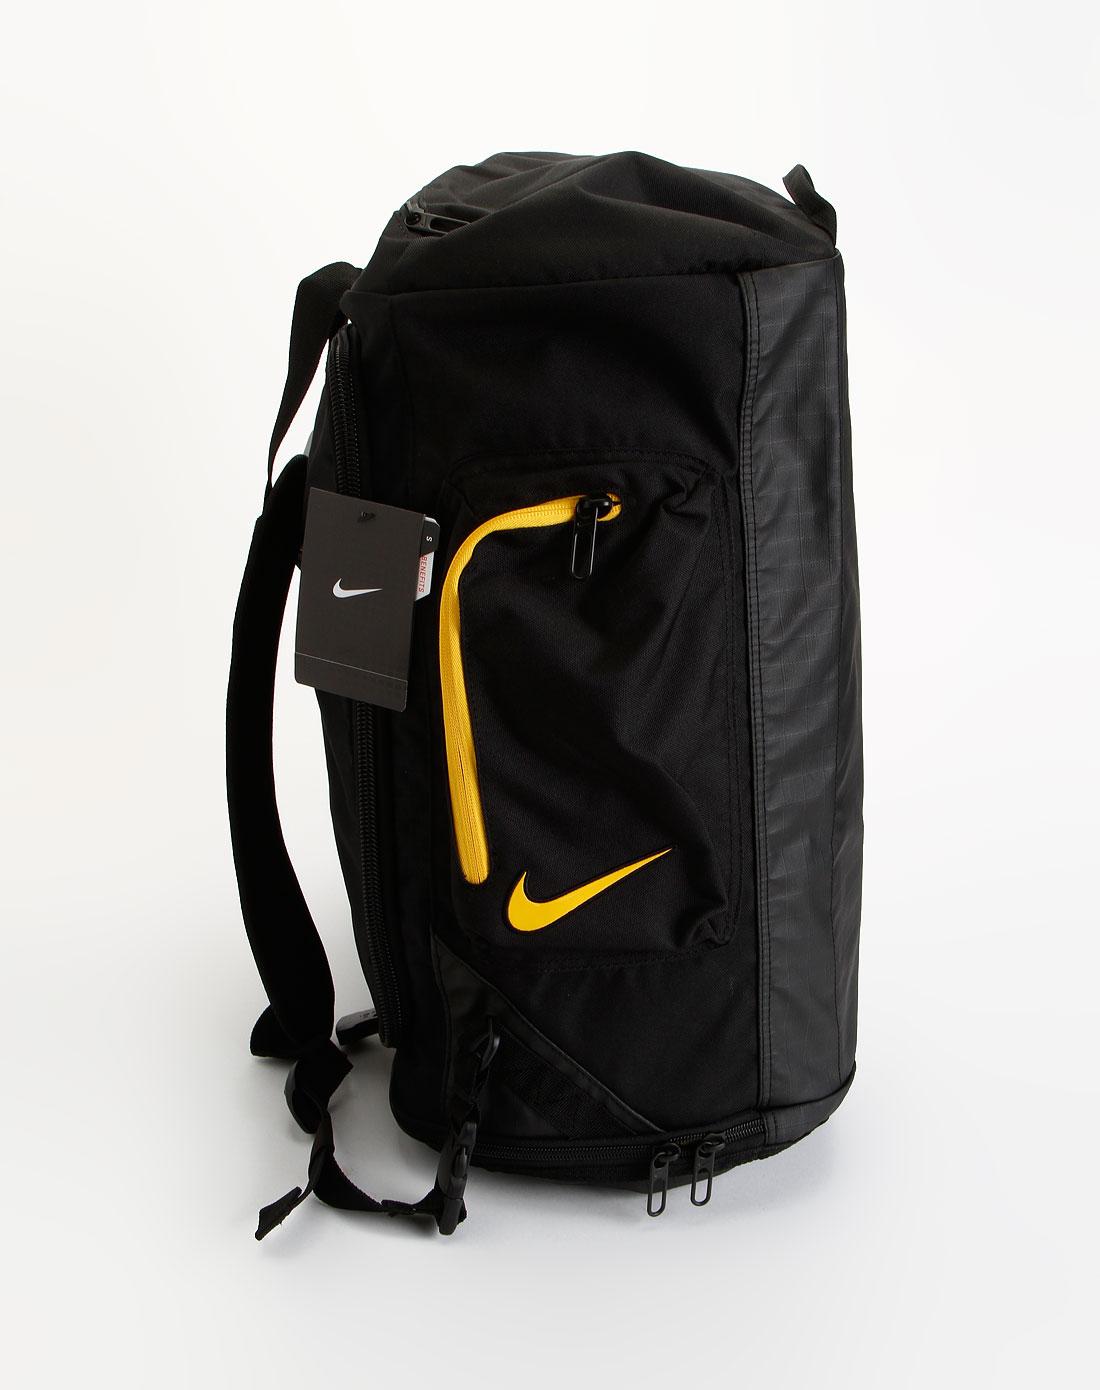 耐克nike中性黑色多功能时尚休闲背包ba3202-007